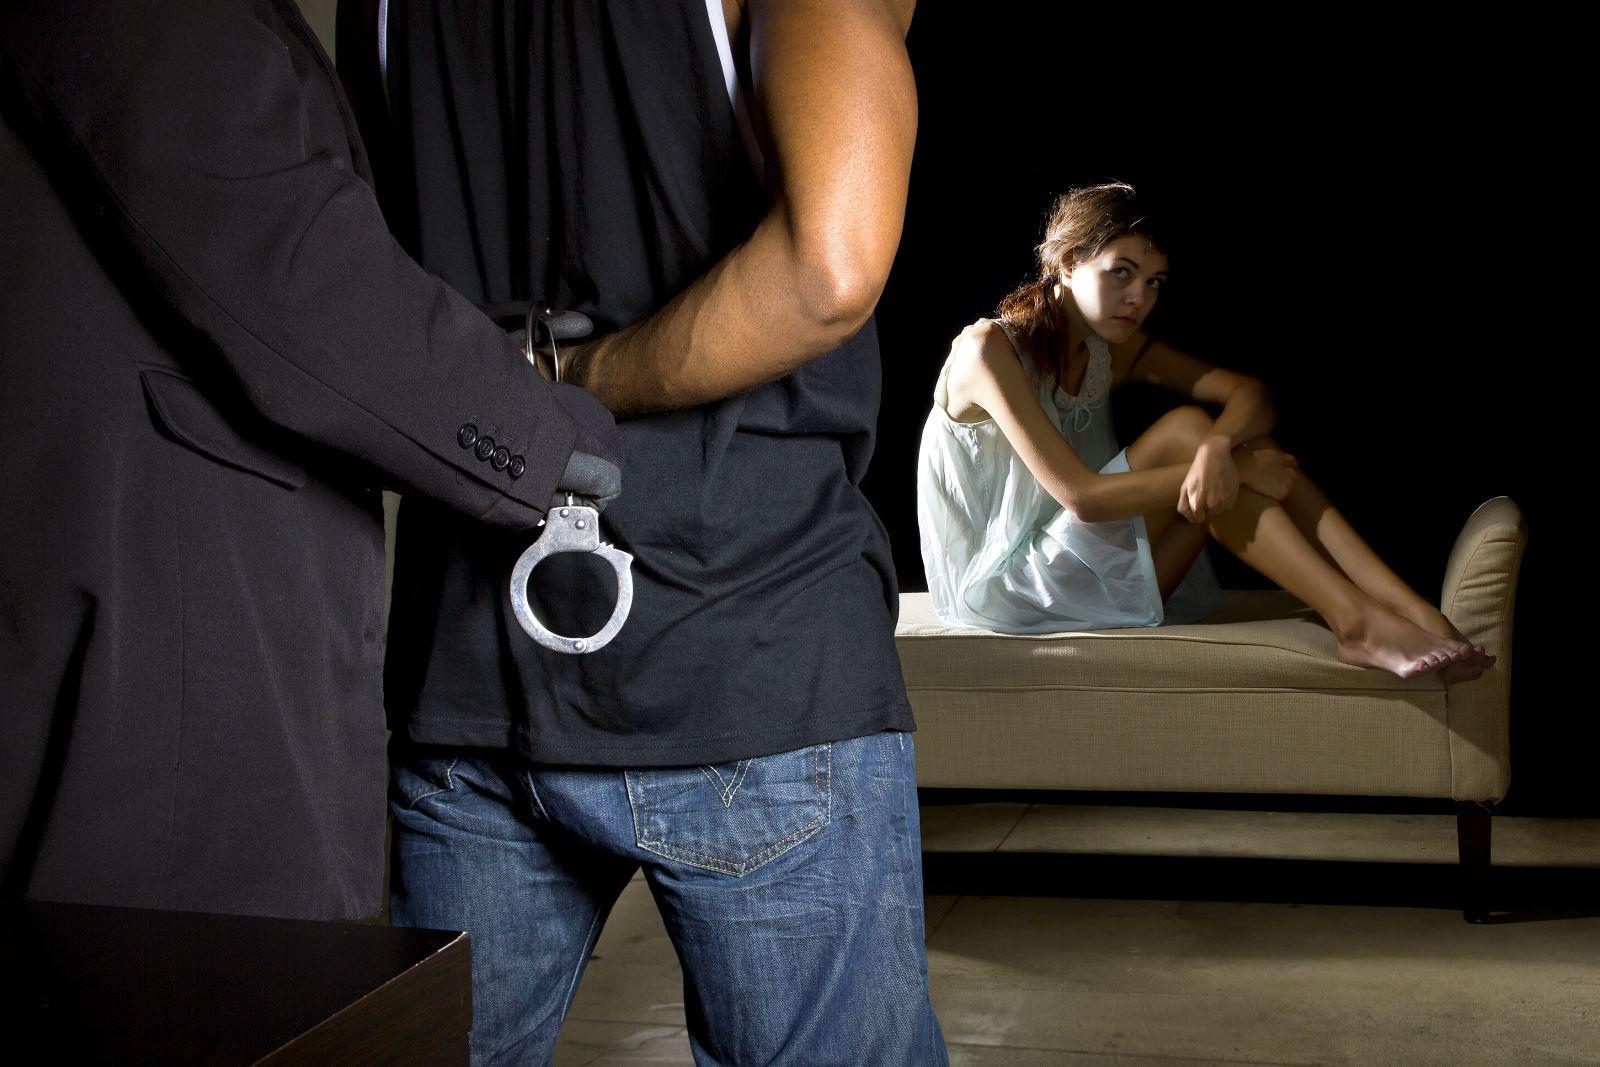 בן 53 מאילת נעצר בחשד לביצוע מעשה מגונה בקטינה